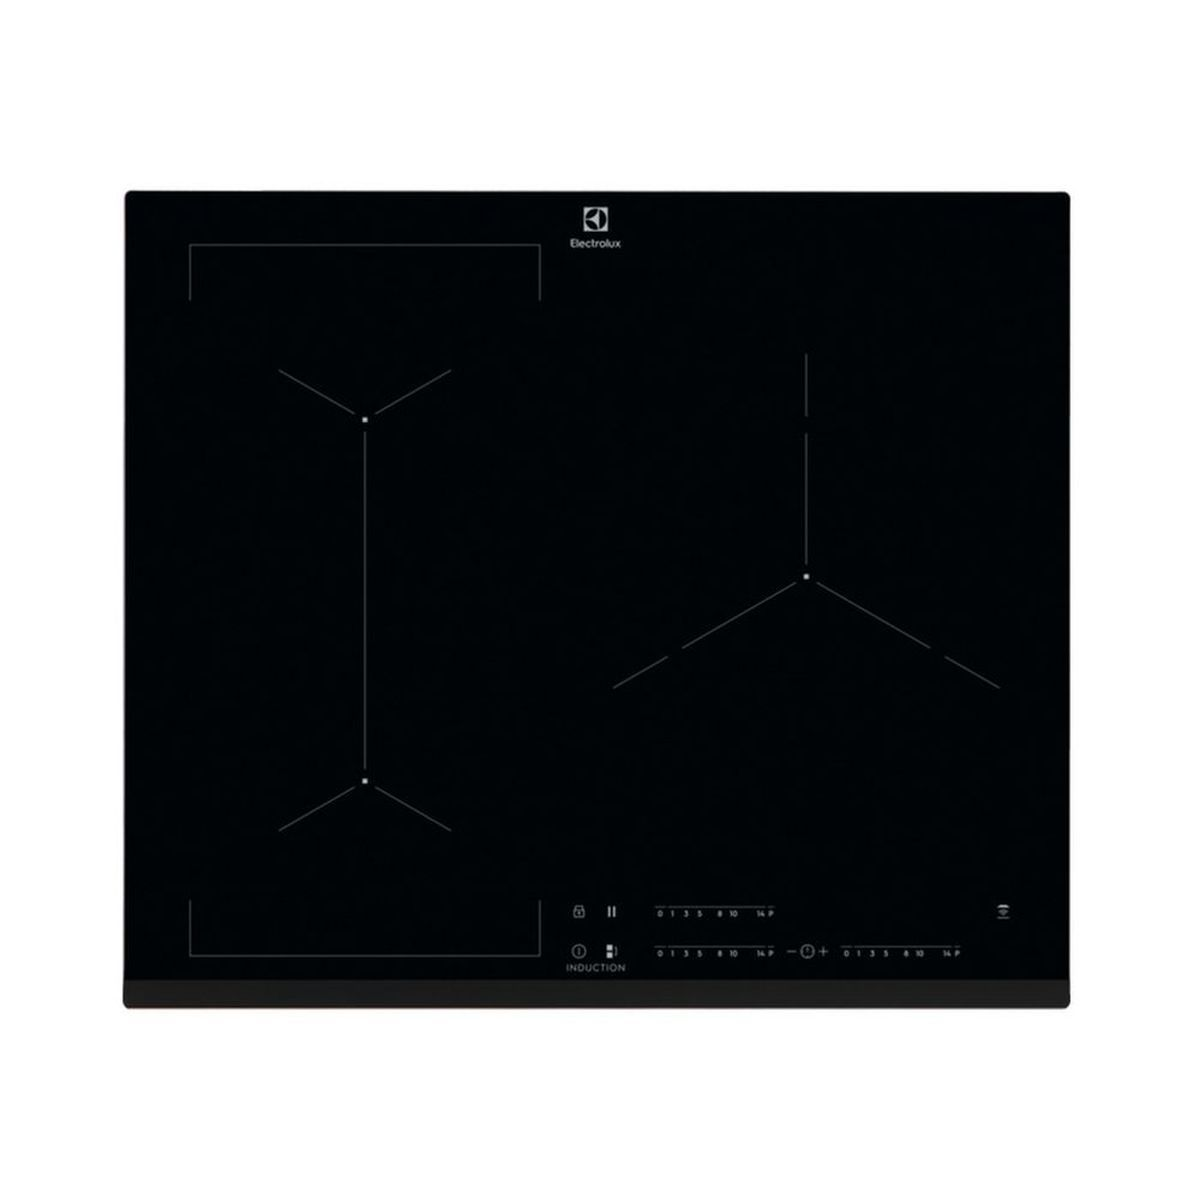 Table de cuisson induction encastrable EIV63343, 56 cm, 3 foyers